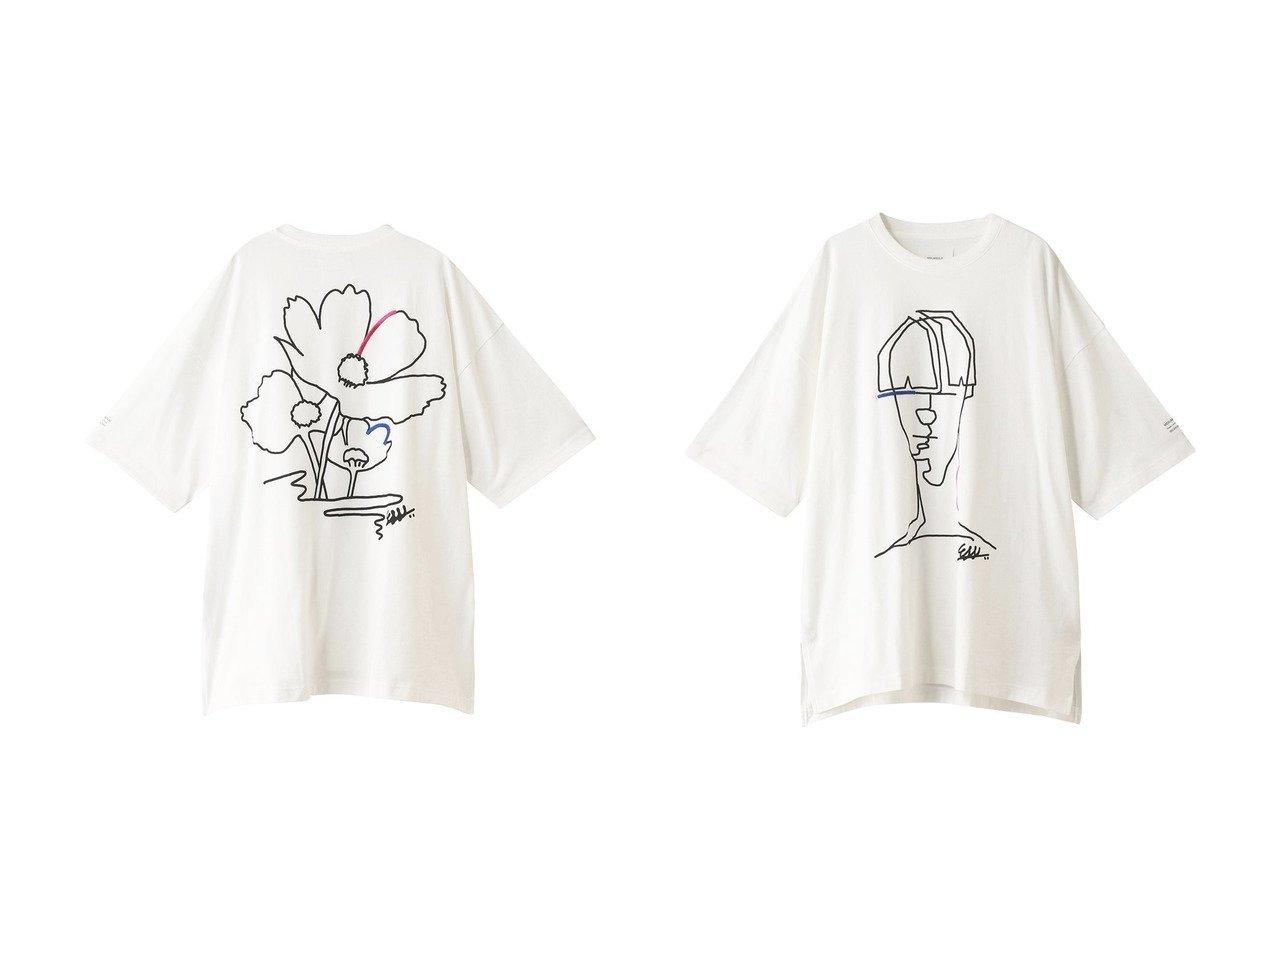 【MIDIUMISOLID/ミディウミソリッド】のドローイングTシャツ フラワー&ドローイングTシャツ ポートレート 【トップス・カットソー】おすすめ!人気、トレンド・レディースファッションの通販   おすすめで人気の流行・トレンド、ファッションの通販商品 メンズファッション・キッズファッション・インテリア・家具・レディースファッション・服の通販 founy(ファニー) https://founy.com/ ファッション Fashion レディースファッション WOMEN トップス・カットソー Tops/Tshirt シャツ/ブラウス Shirts/Blouses ロング / Tシャツ T-Shirts カットソー Cut and Sewn ショート スリーブ フラワー |ID:crp329100000026653